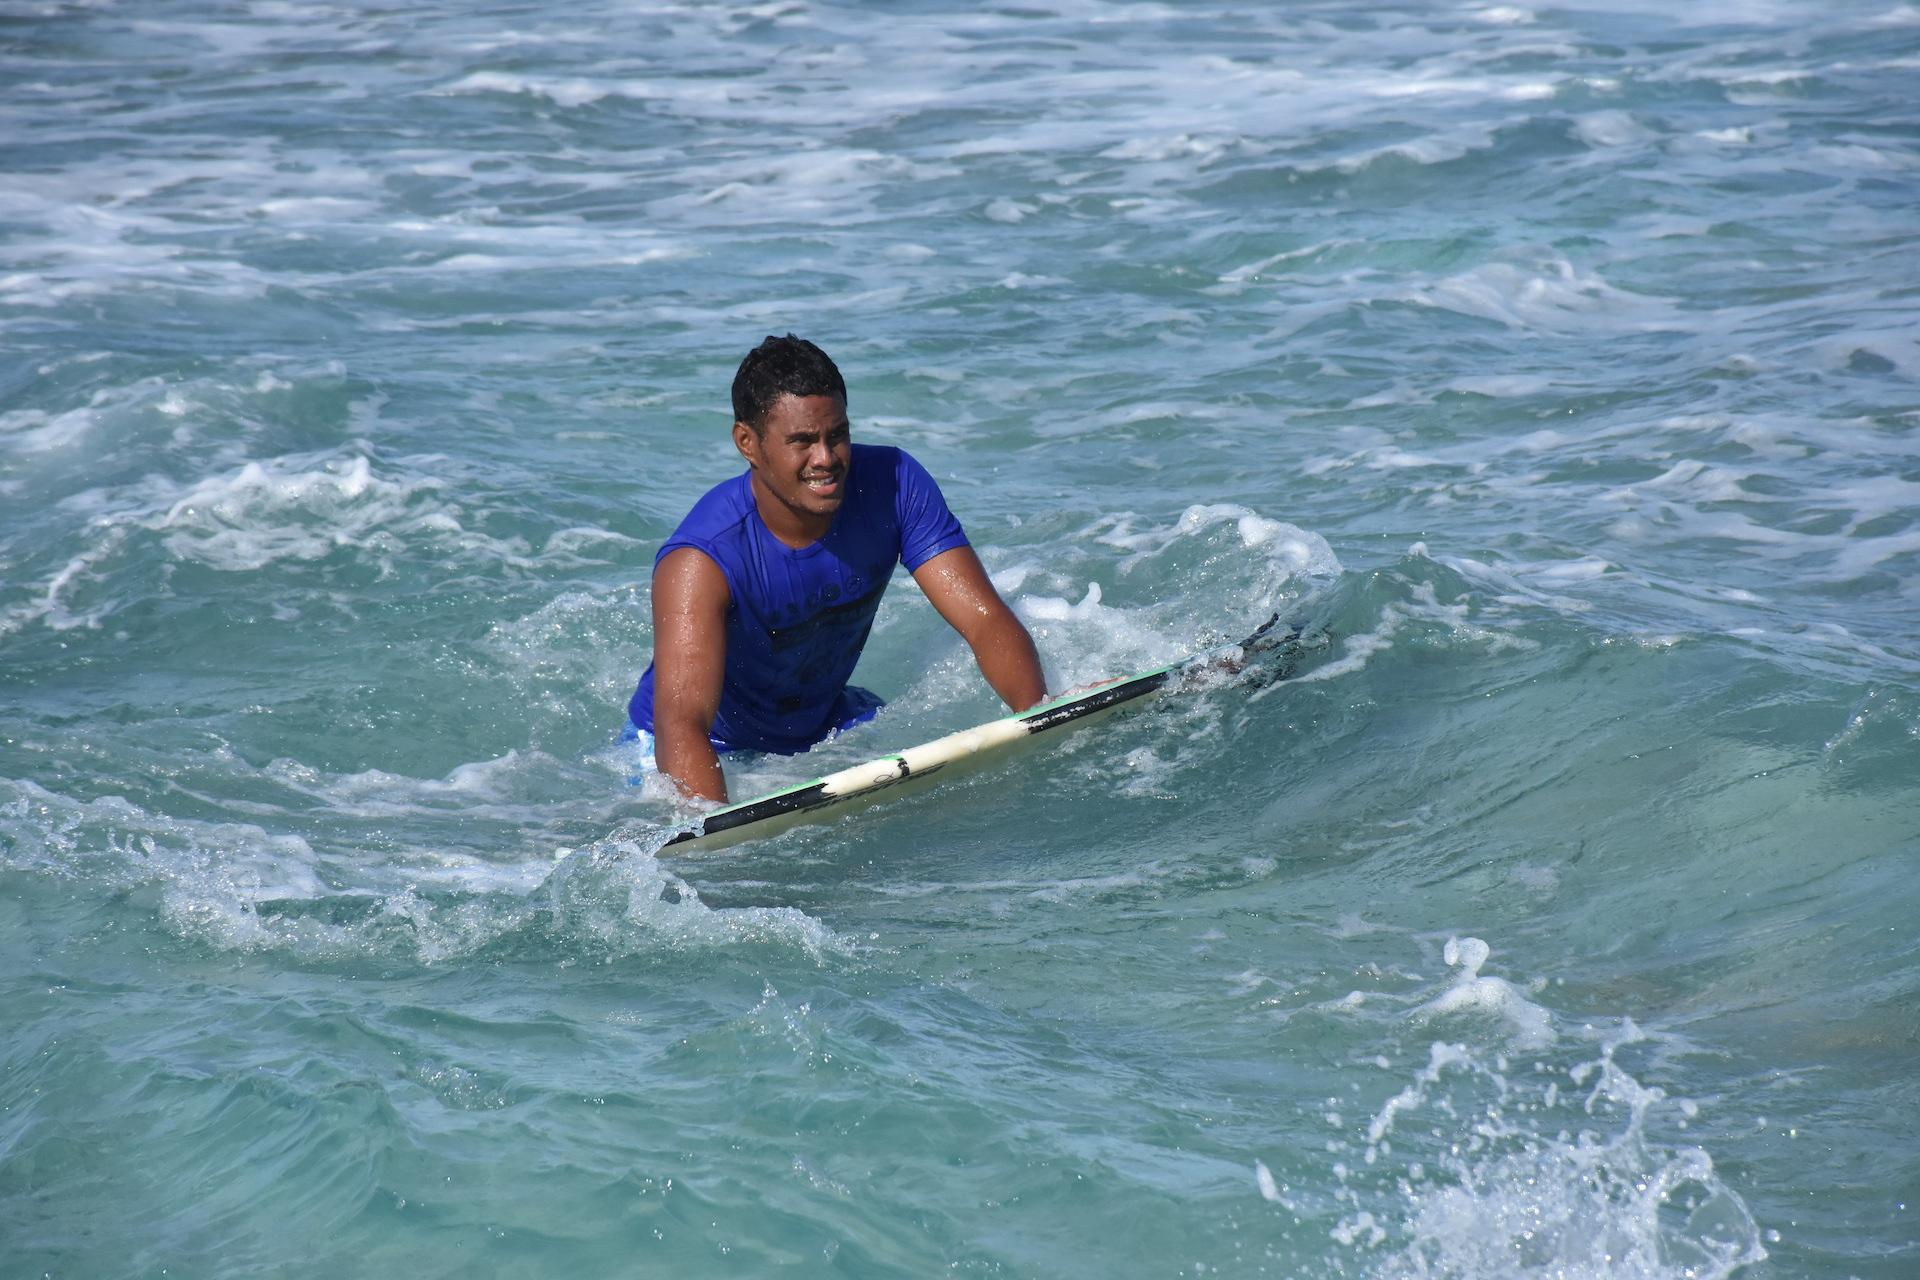 Teare Teinaore sera le seul représentant de Rangiroa qualifié pour le round 3 dans la catégorie surf.